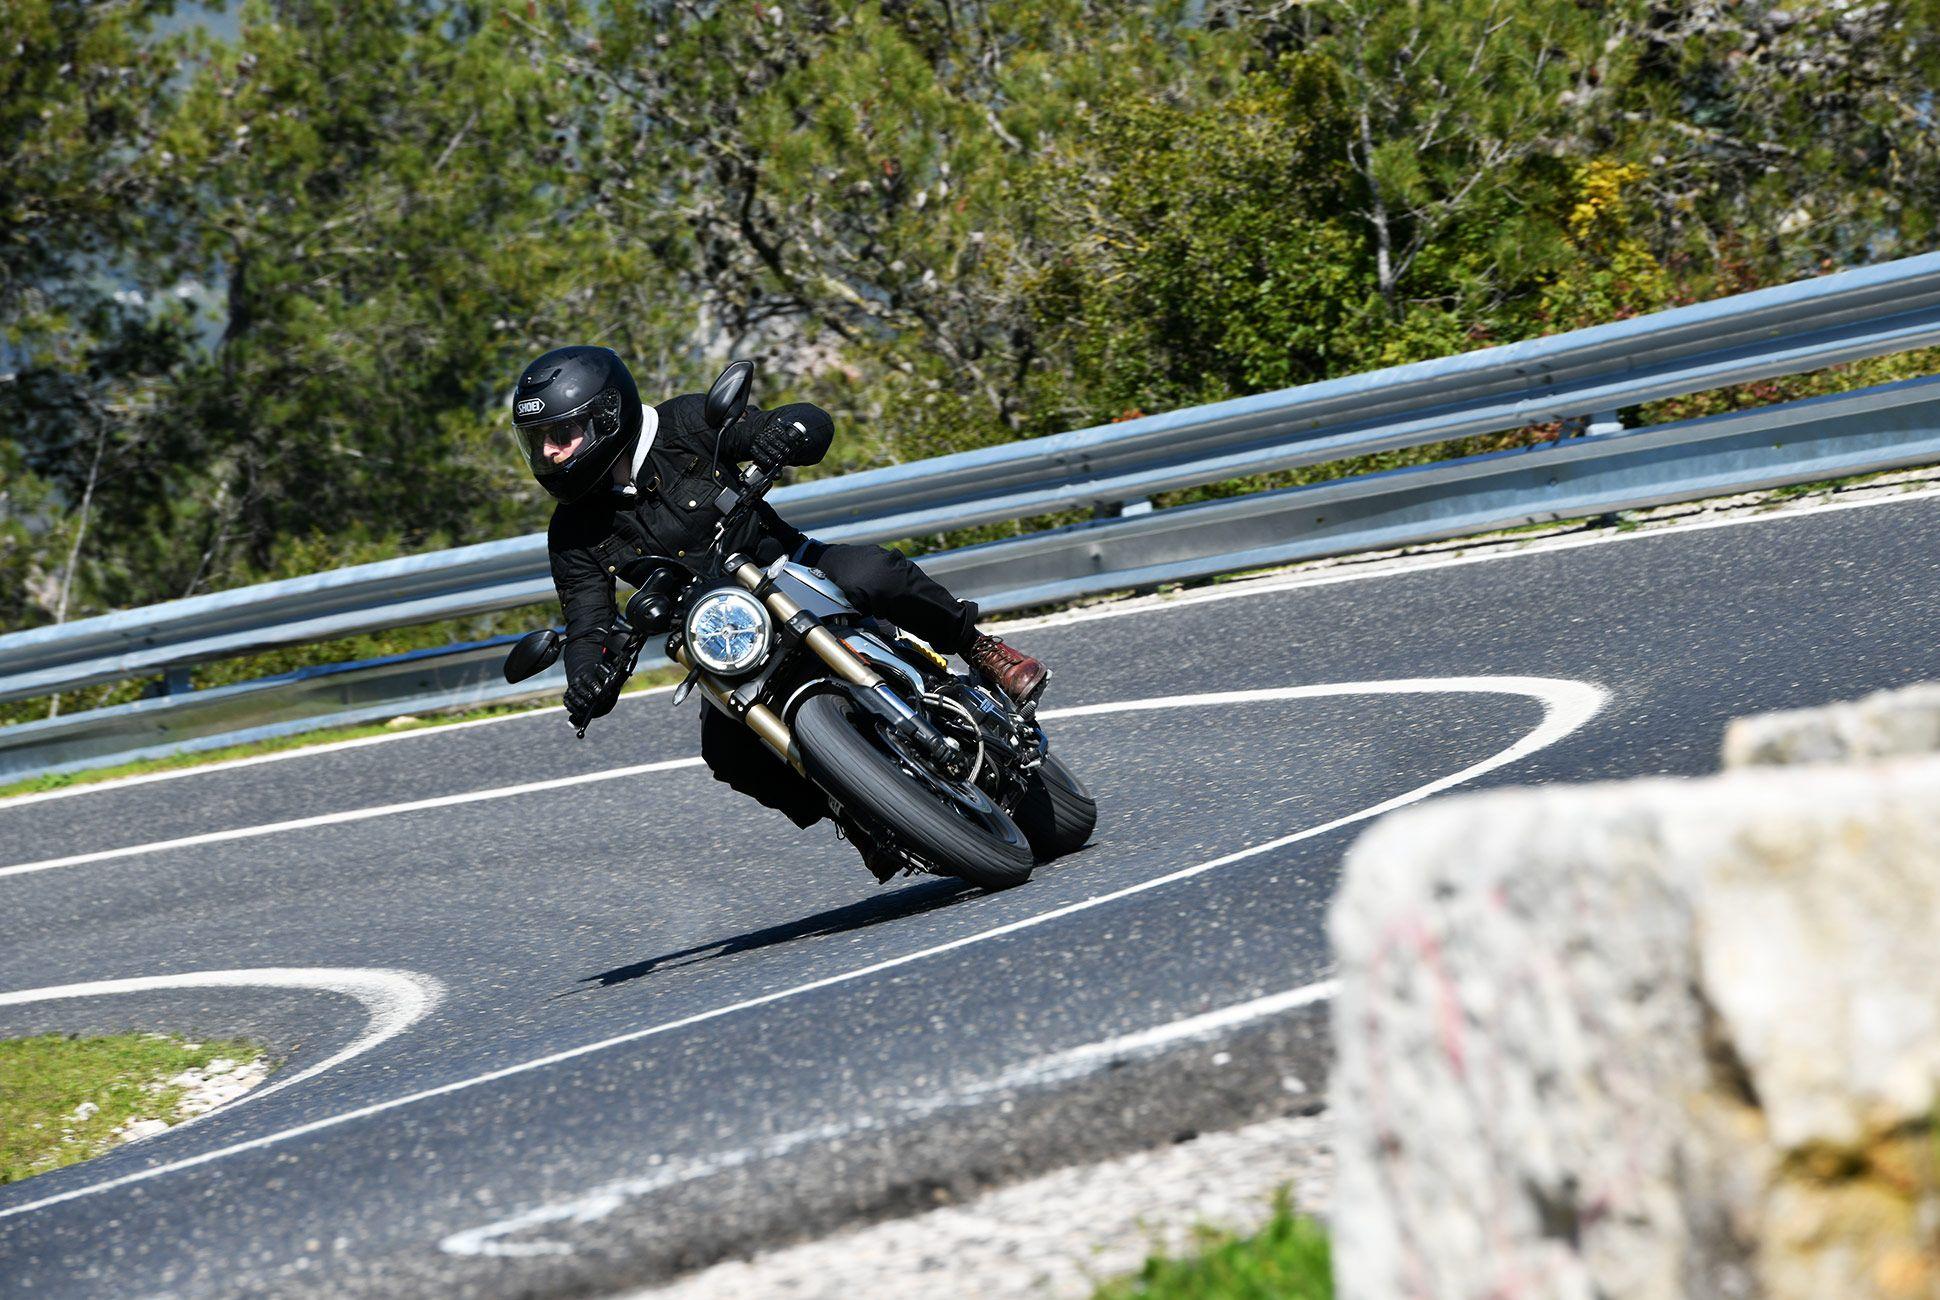 Ducati-Scrambler-1100-gear-patrol-slide-1